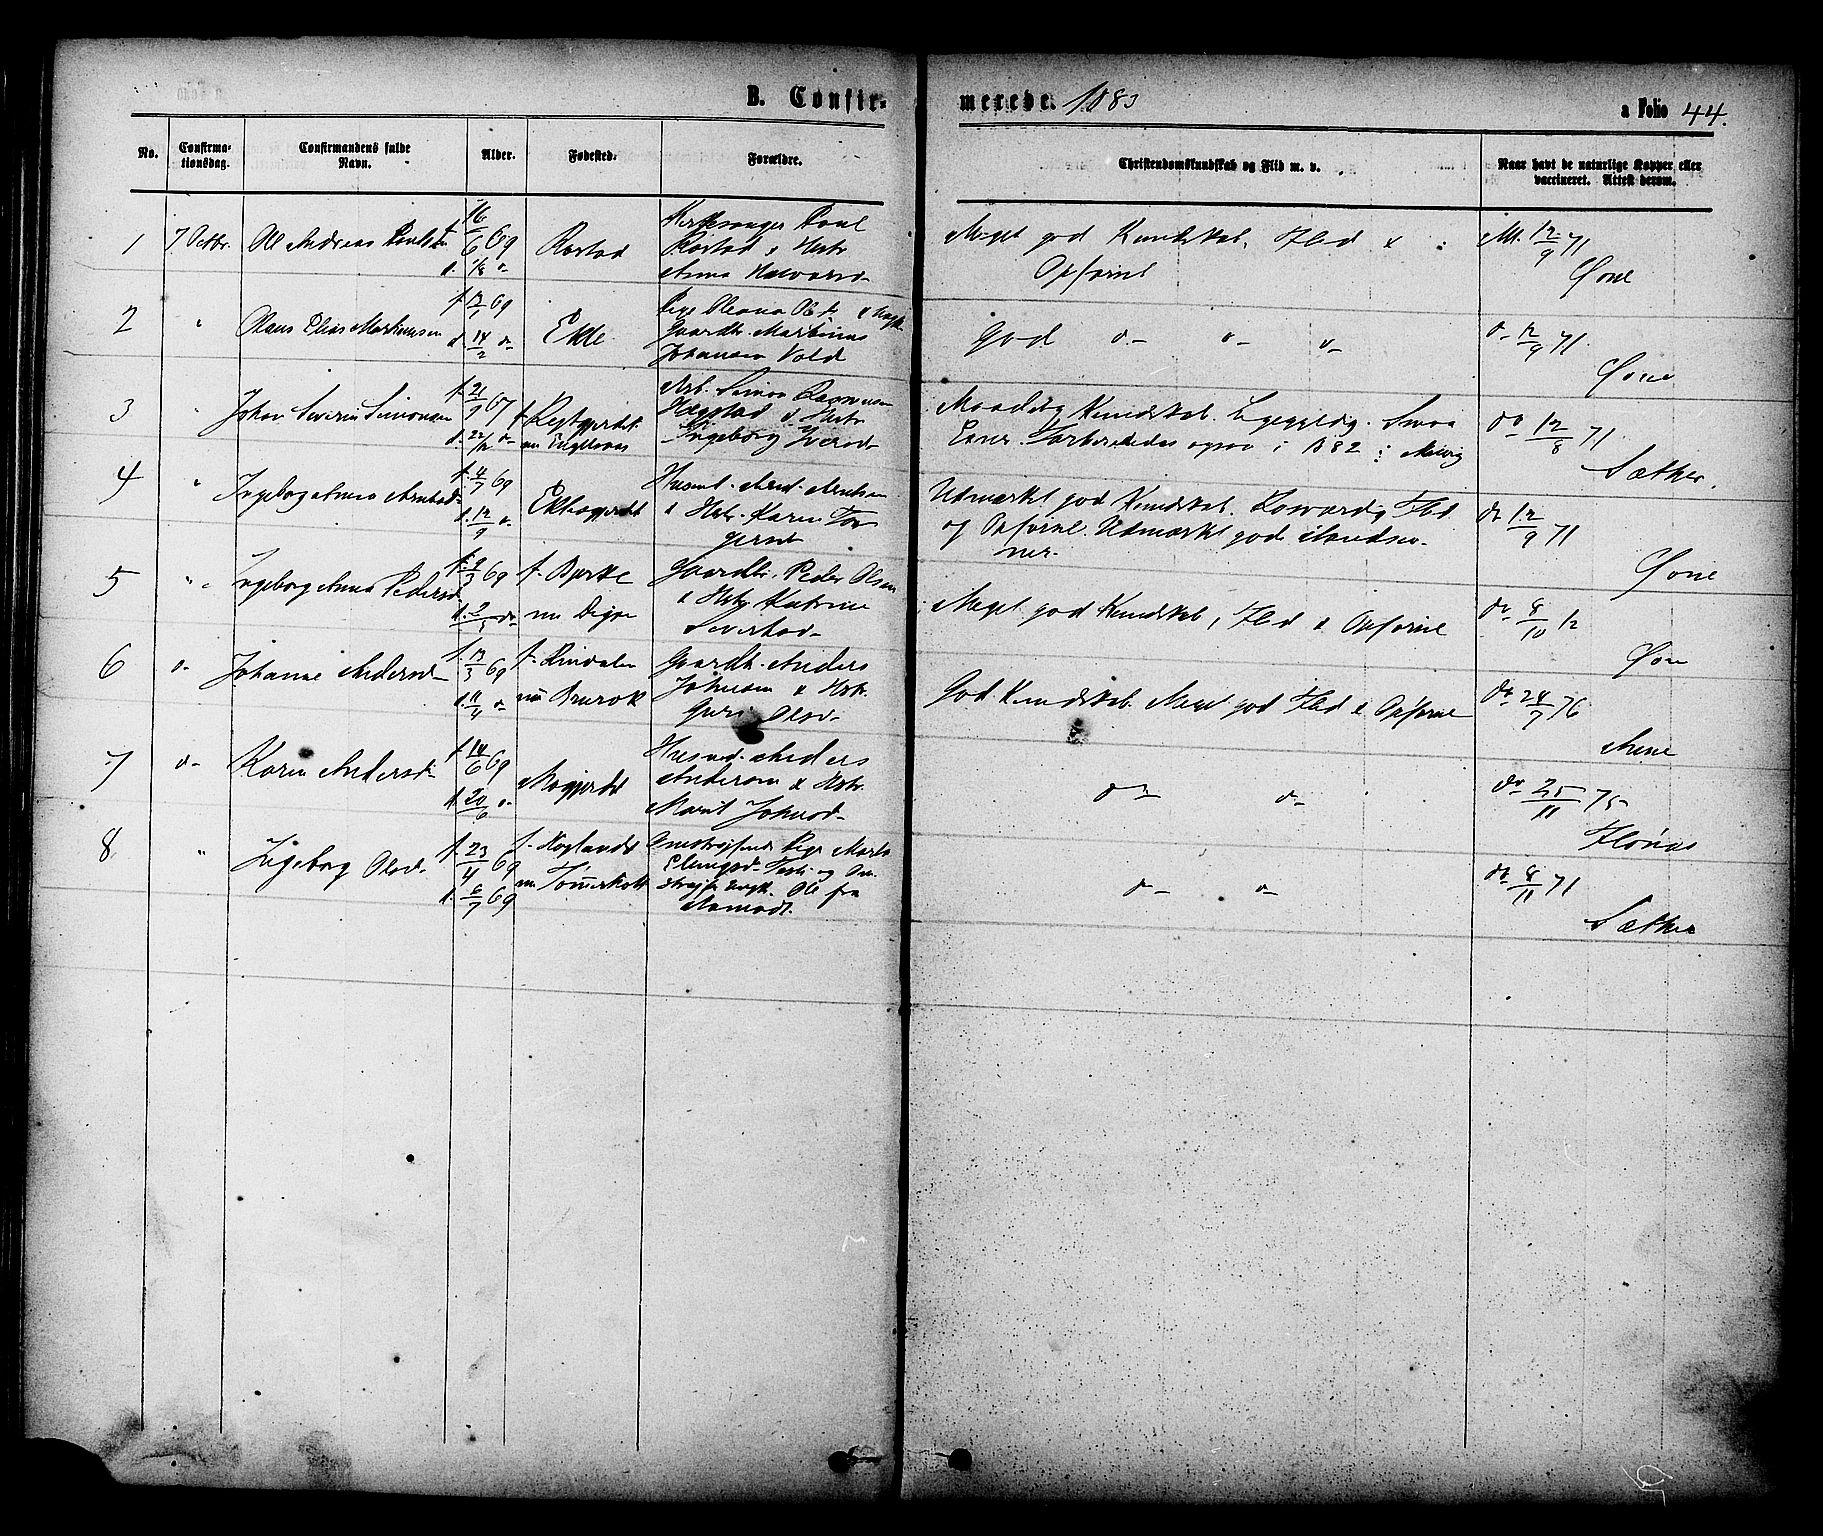 SAT, Ministerialprotokoller, klokkerbøker og fødselsregistre - Sør-Trøndelag, 608/L0334: Ministerialbok nr. 608A03, 1877-1886, s. 44